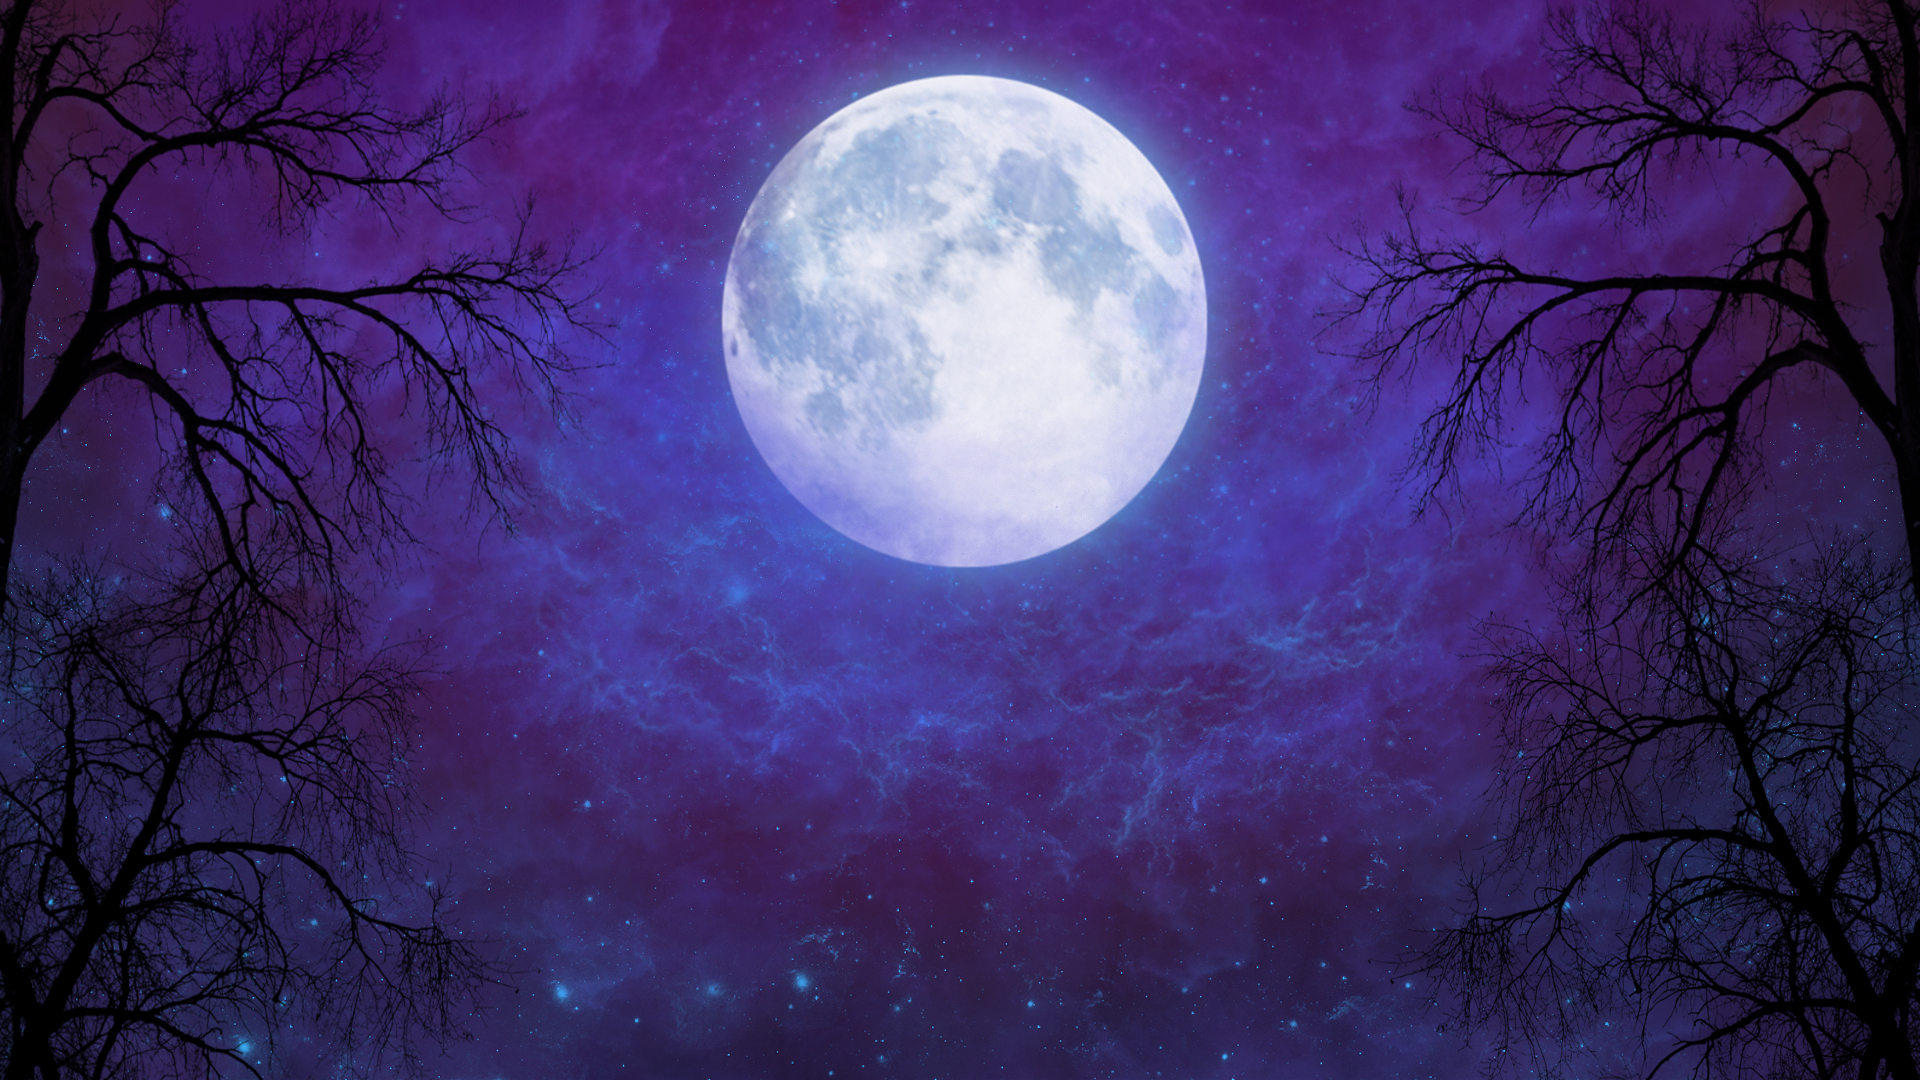 Full moon in starry night sky hd wallpaper background - Purple moon wallpaper ...